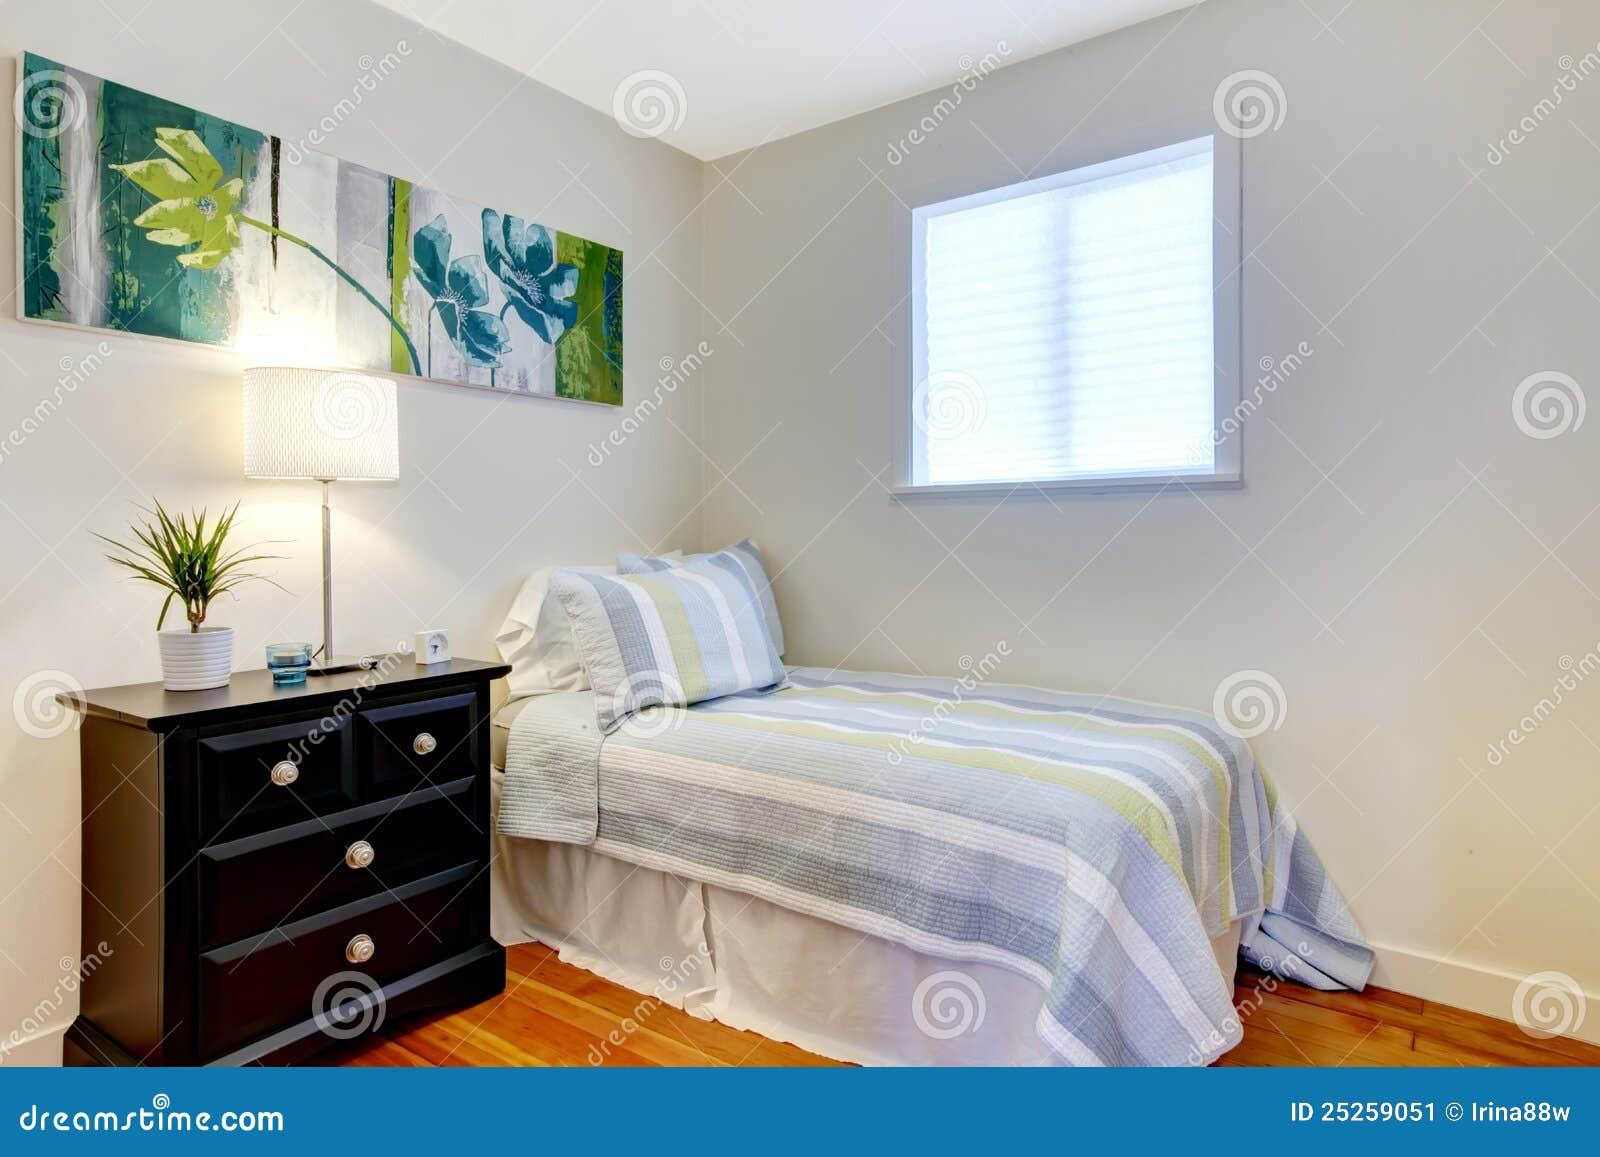 Chambre A Coucher Peinture